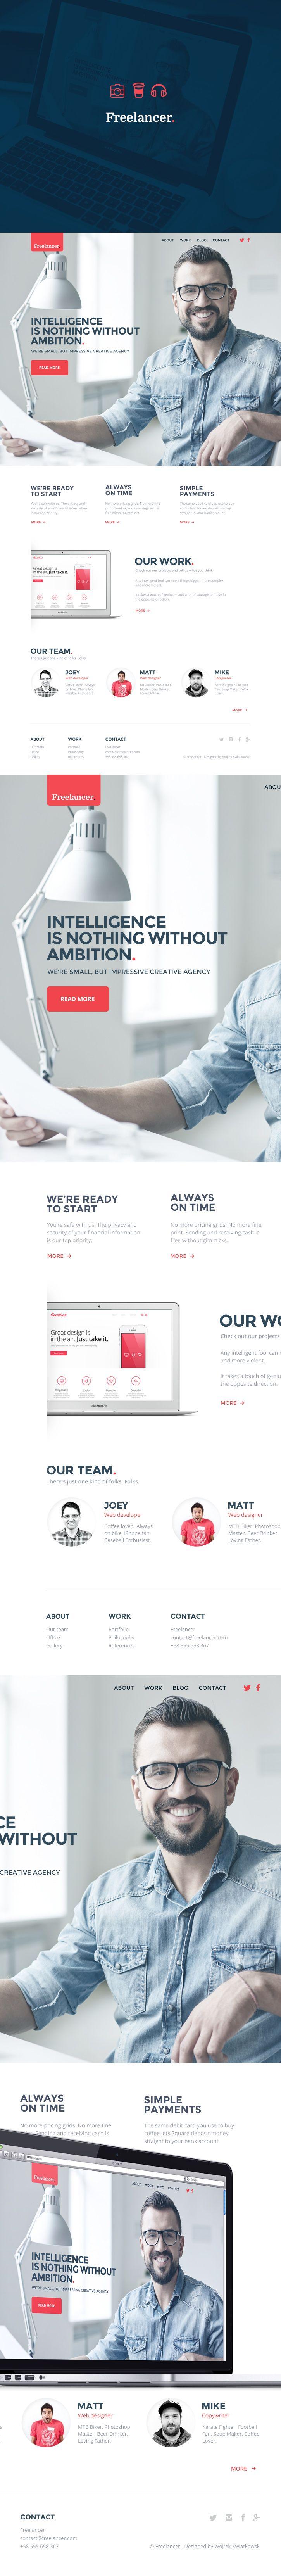 Un disseny web excel·lent per fer una presentació personal #personal #webdesign #web